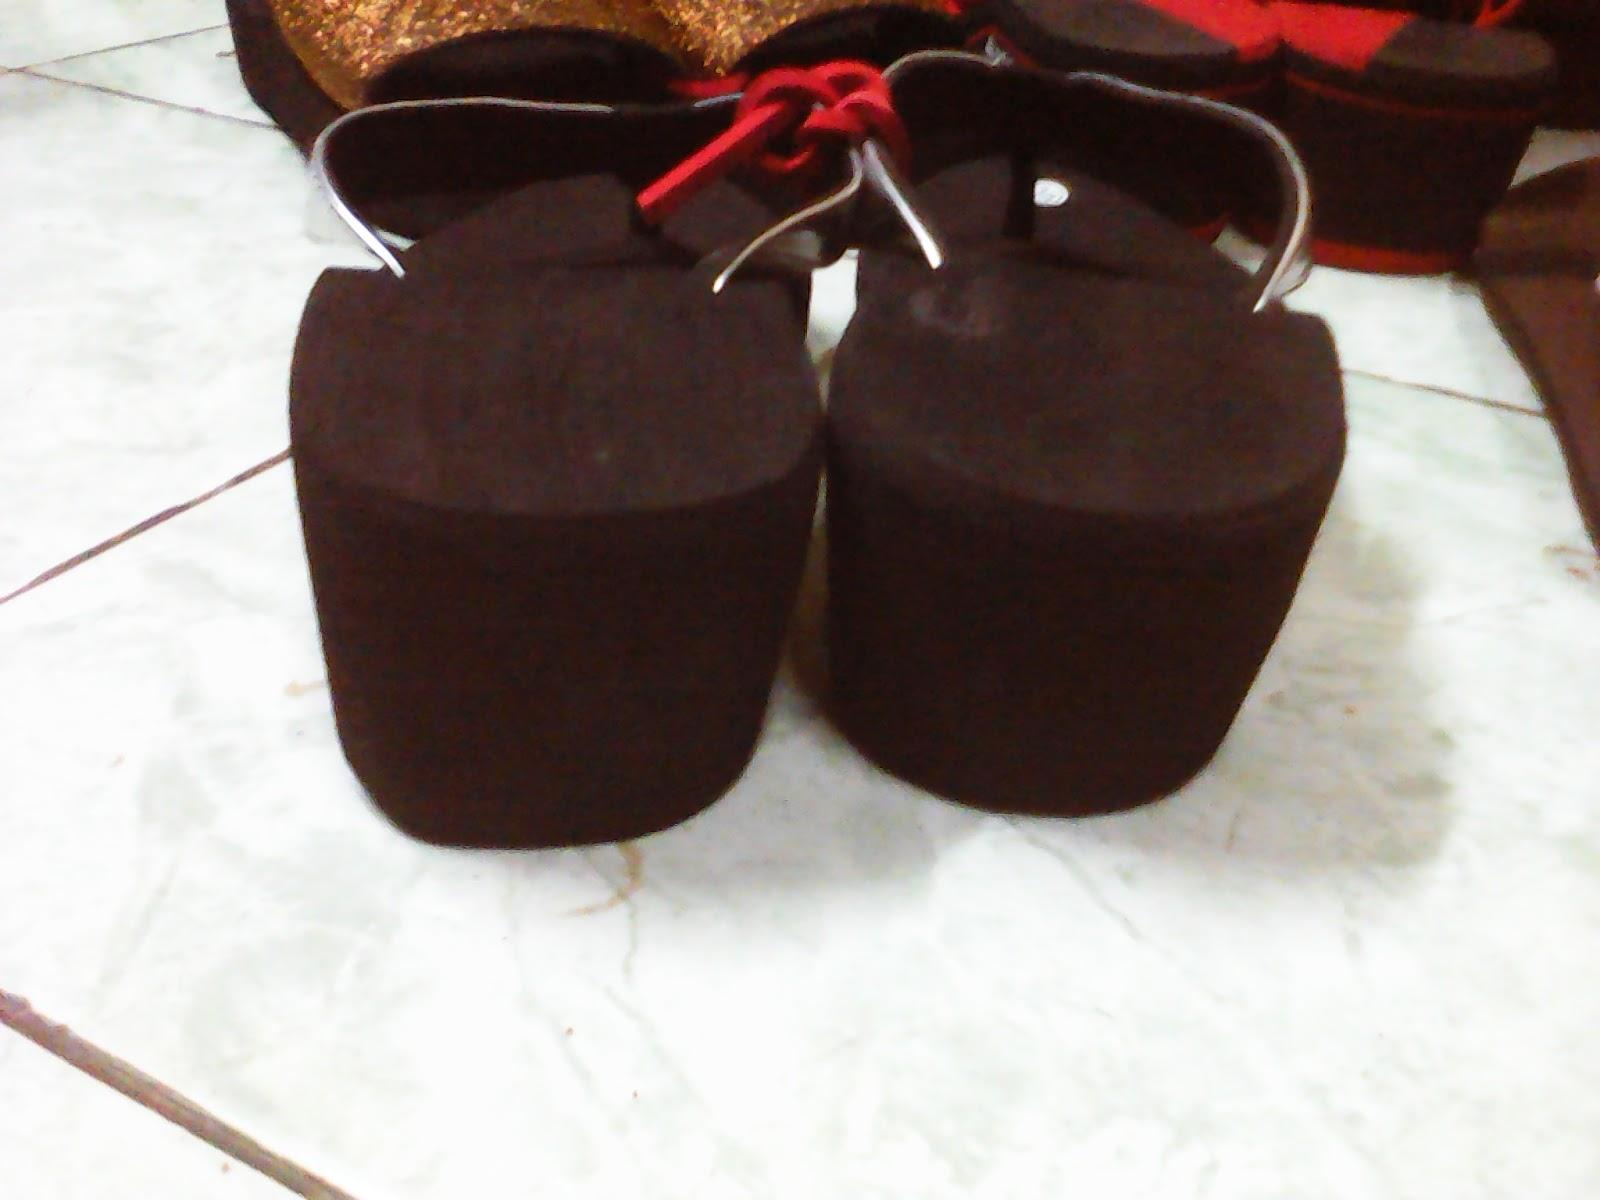 Sandal Wanita Cantik Tinggi 5 Cm Tali Custom Rp 33 000 S d Disesuaikan dengan jumlah pesanan